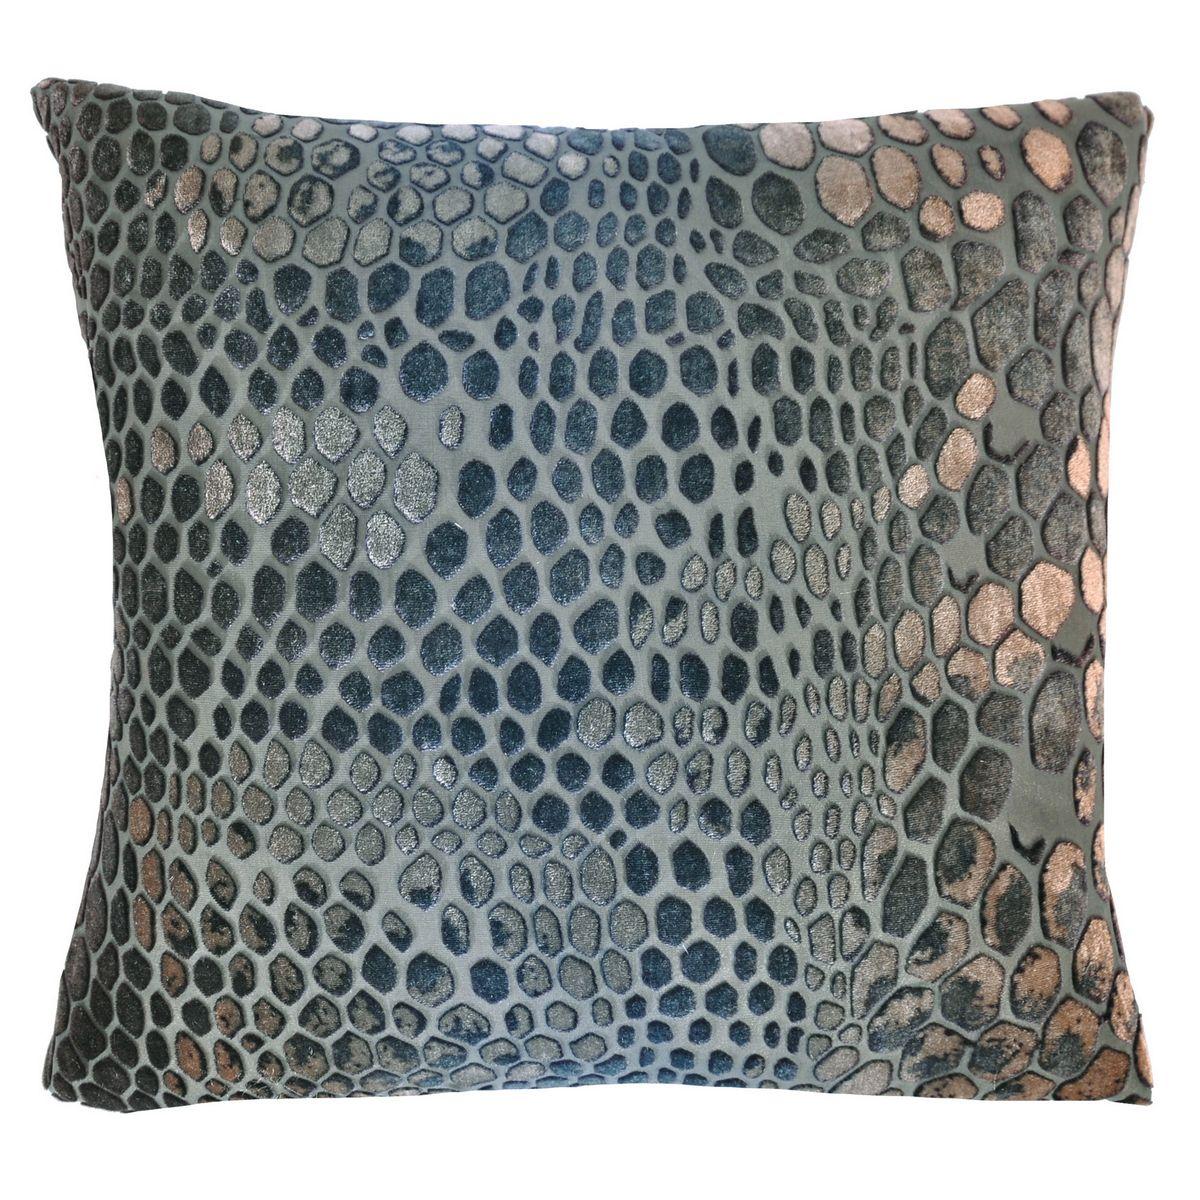 Completely new Kevin OBrien Studio Snakeskin Velvet Dec Pillow CA48